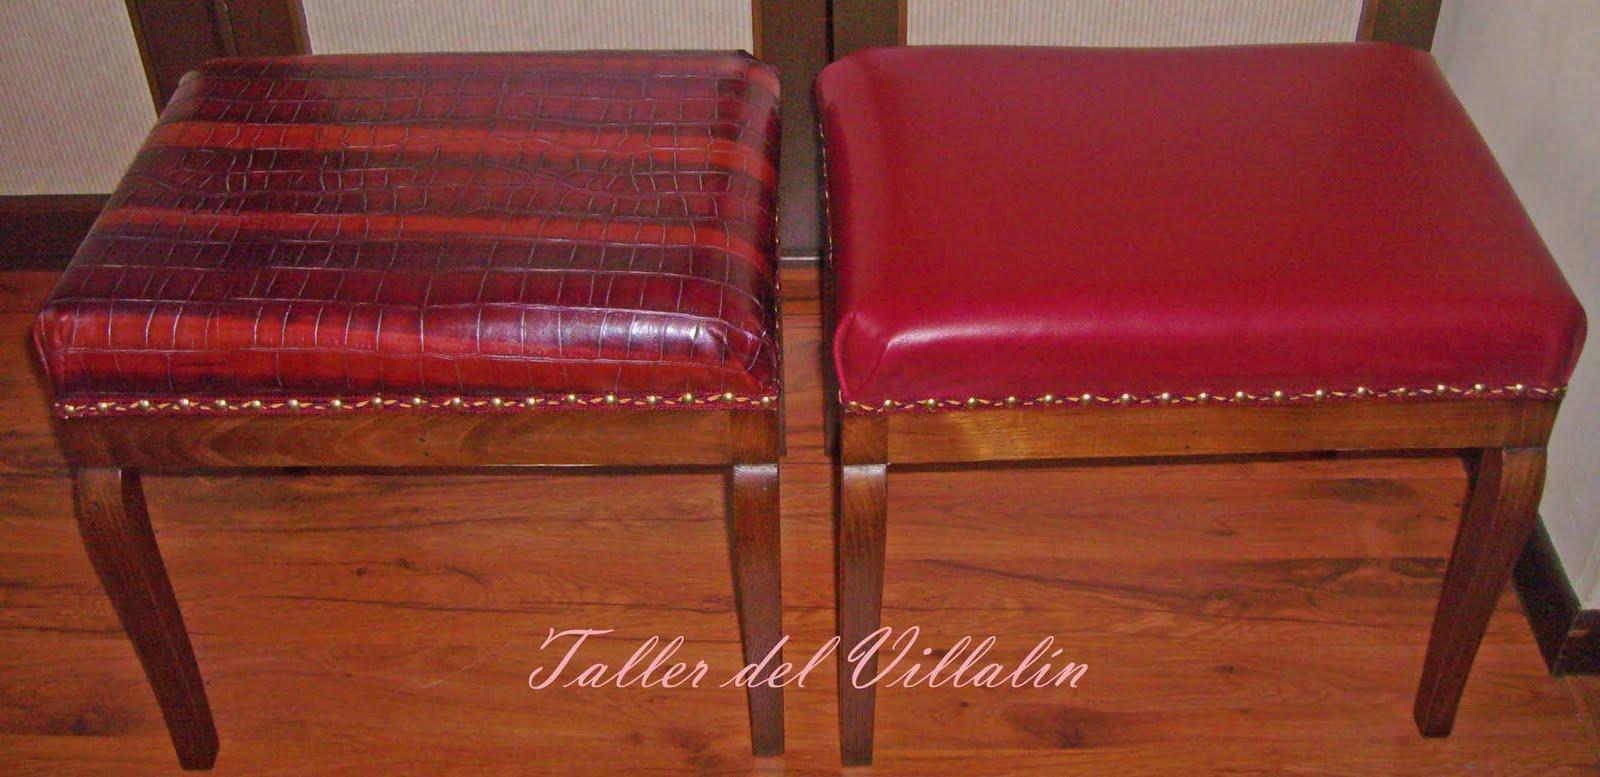 Taller del villal n mayo 2010 - Escabeles tapizados ...